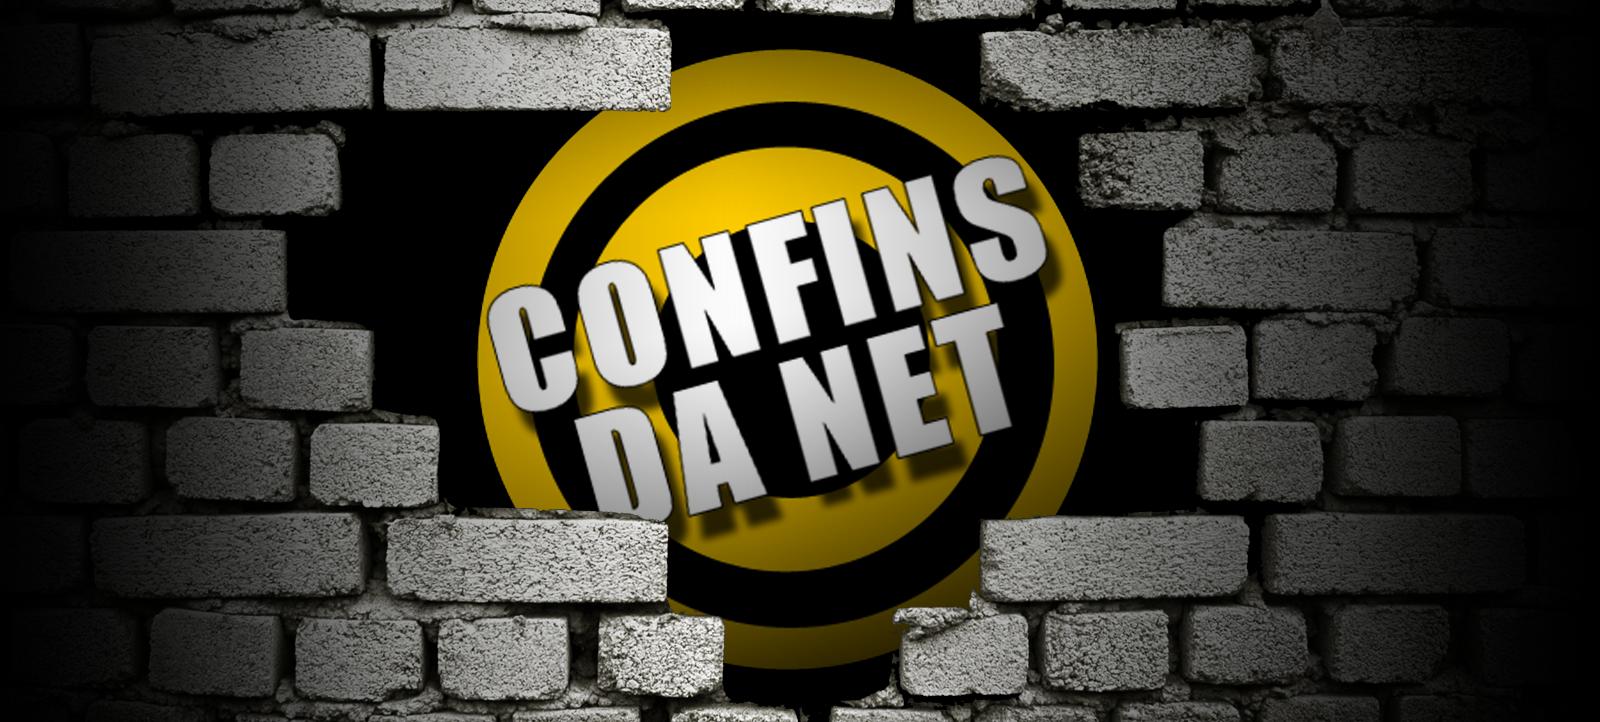 CONFINS DA NET.